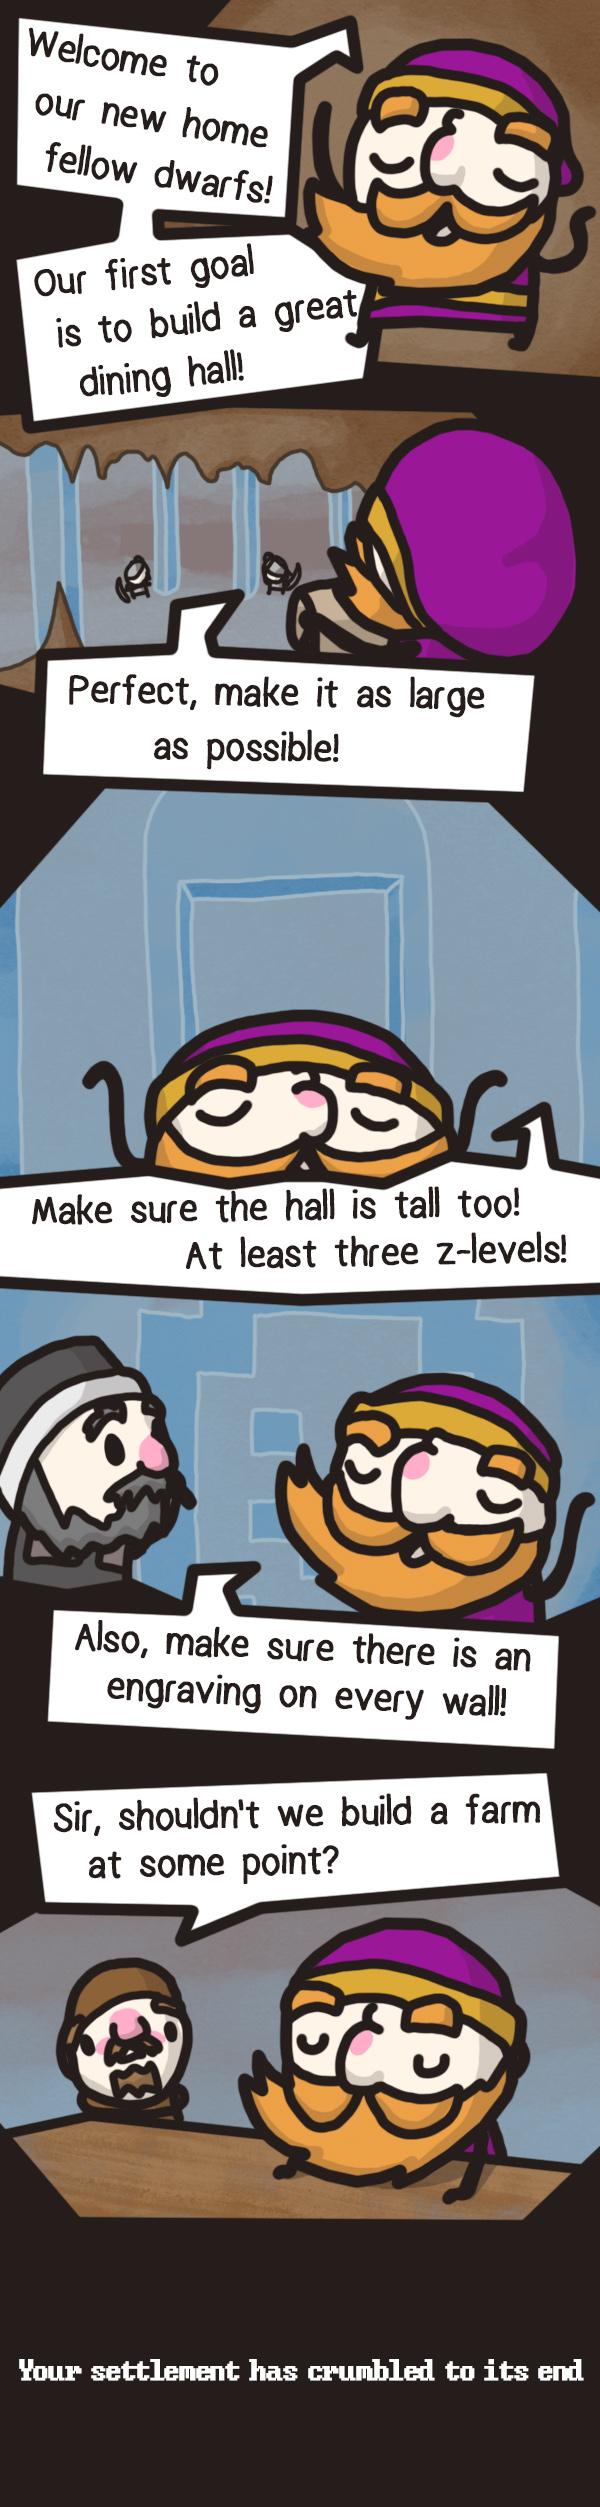 Dwarf Fortress - Downfall Hall